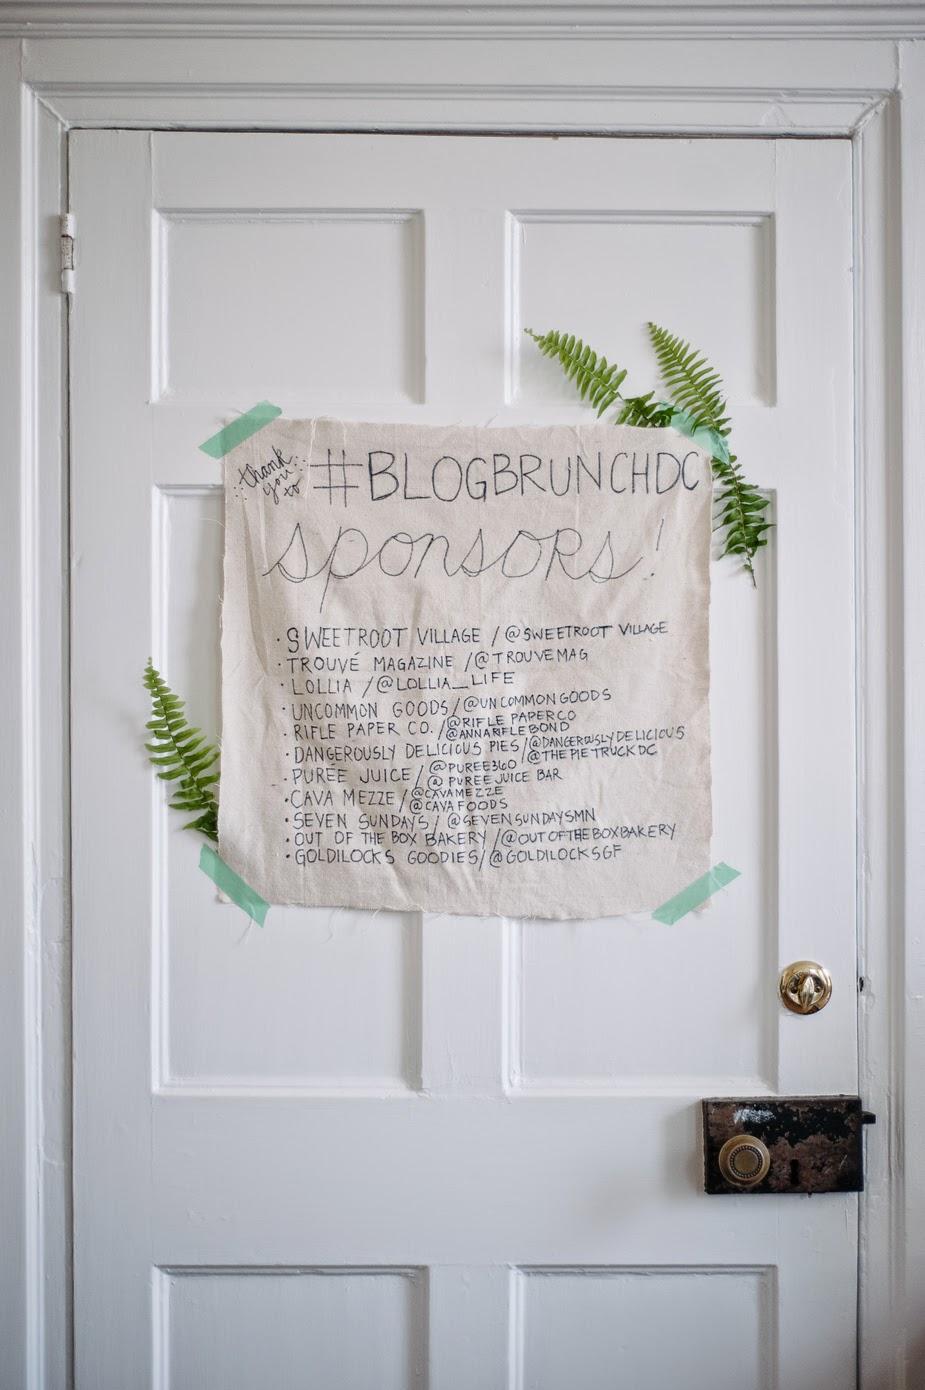 BlogBrunchDC-Blog-1.jpg